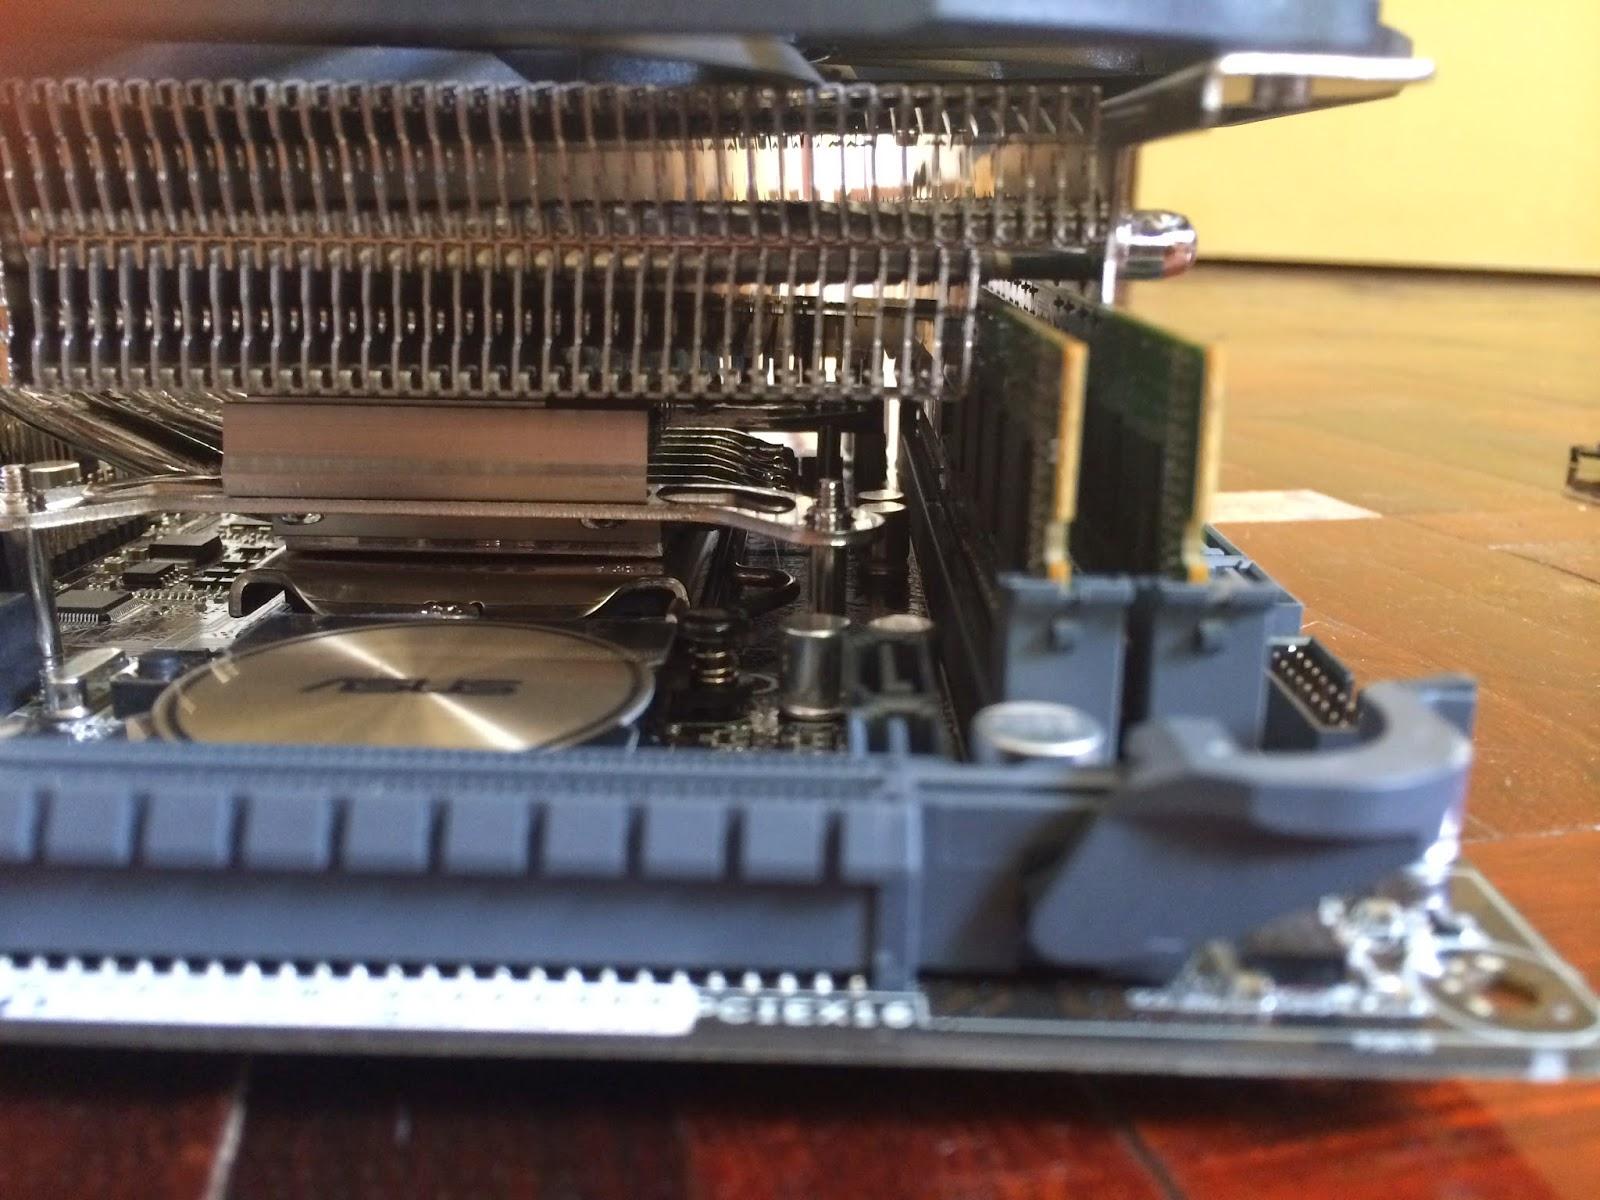 Unboxing & Review: Prolimatech Samuel 17 Low Profile CPU Cooler 10